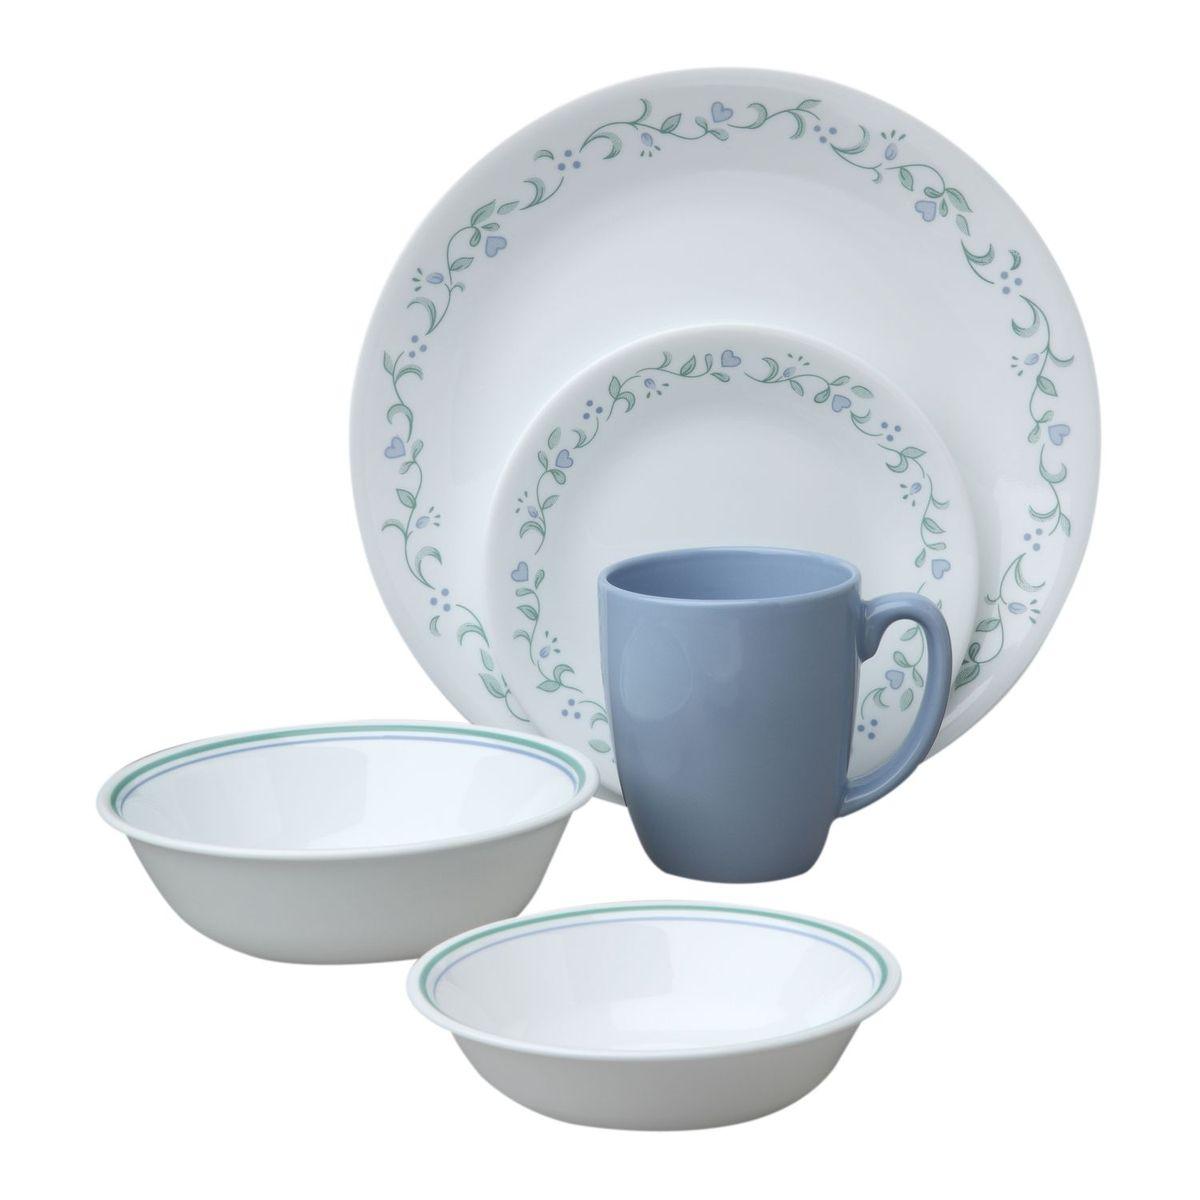 Набор посуды Country Cottage 18пр, цвет: белый с узором115510Преимуществами посуды Corelle являются долговечность, красота и безопасность в использовании. Вся посуда Corelle изготавливается из высококачественного ударопрочного трехслойного стекла Vitrelle и украшена деколями американских и европейских дизайнеров. Рисунки не стираются и не царапаются, не теряют свою яркость на протяжении многих лет. Посуда Corelle не впитывает запахов и очень долгое время выглядит как новая. Уникальная эмаль, используемая во время декорирования, фактически становится единым целым с поверхностью стекла, что гарантирует долгое сохранение нанесенного рисунка. Еще одним из главных преимуществ посуды Corelle является ее безопасность. В производстве используются только безопасные для пищи пигменты эмали, при производстве посуды не применяется вредный для здоровья человека меламин. Изделия из материала Vitrelle: Прочные и легкие; Выдерживают температуру до 180С; Могут использоваться в посудомоечной машине и микроволновой печи; Штабелируемые; Устойчивы к царапинам; Ударопрочные; Не содержит меламин.6 обеденных тарелок 26 см; 6 закусочных тарелок 22 см; 6 суповых тарелок 530 мл